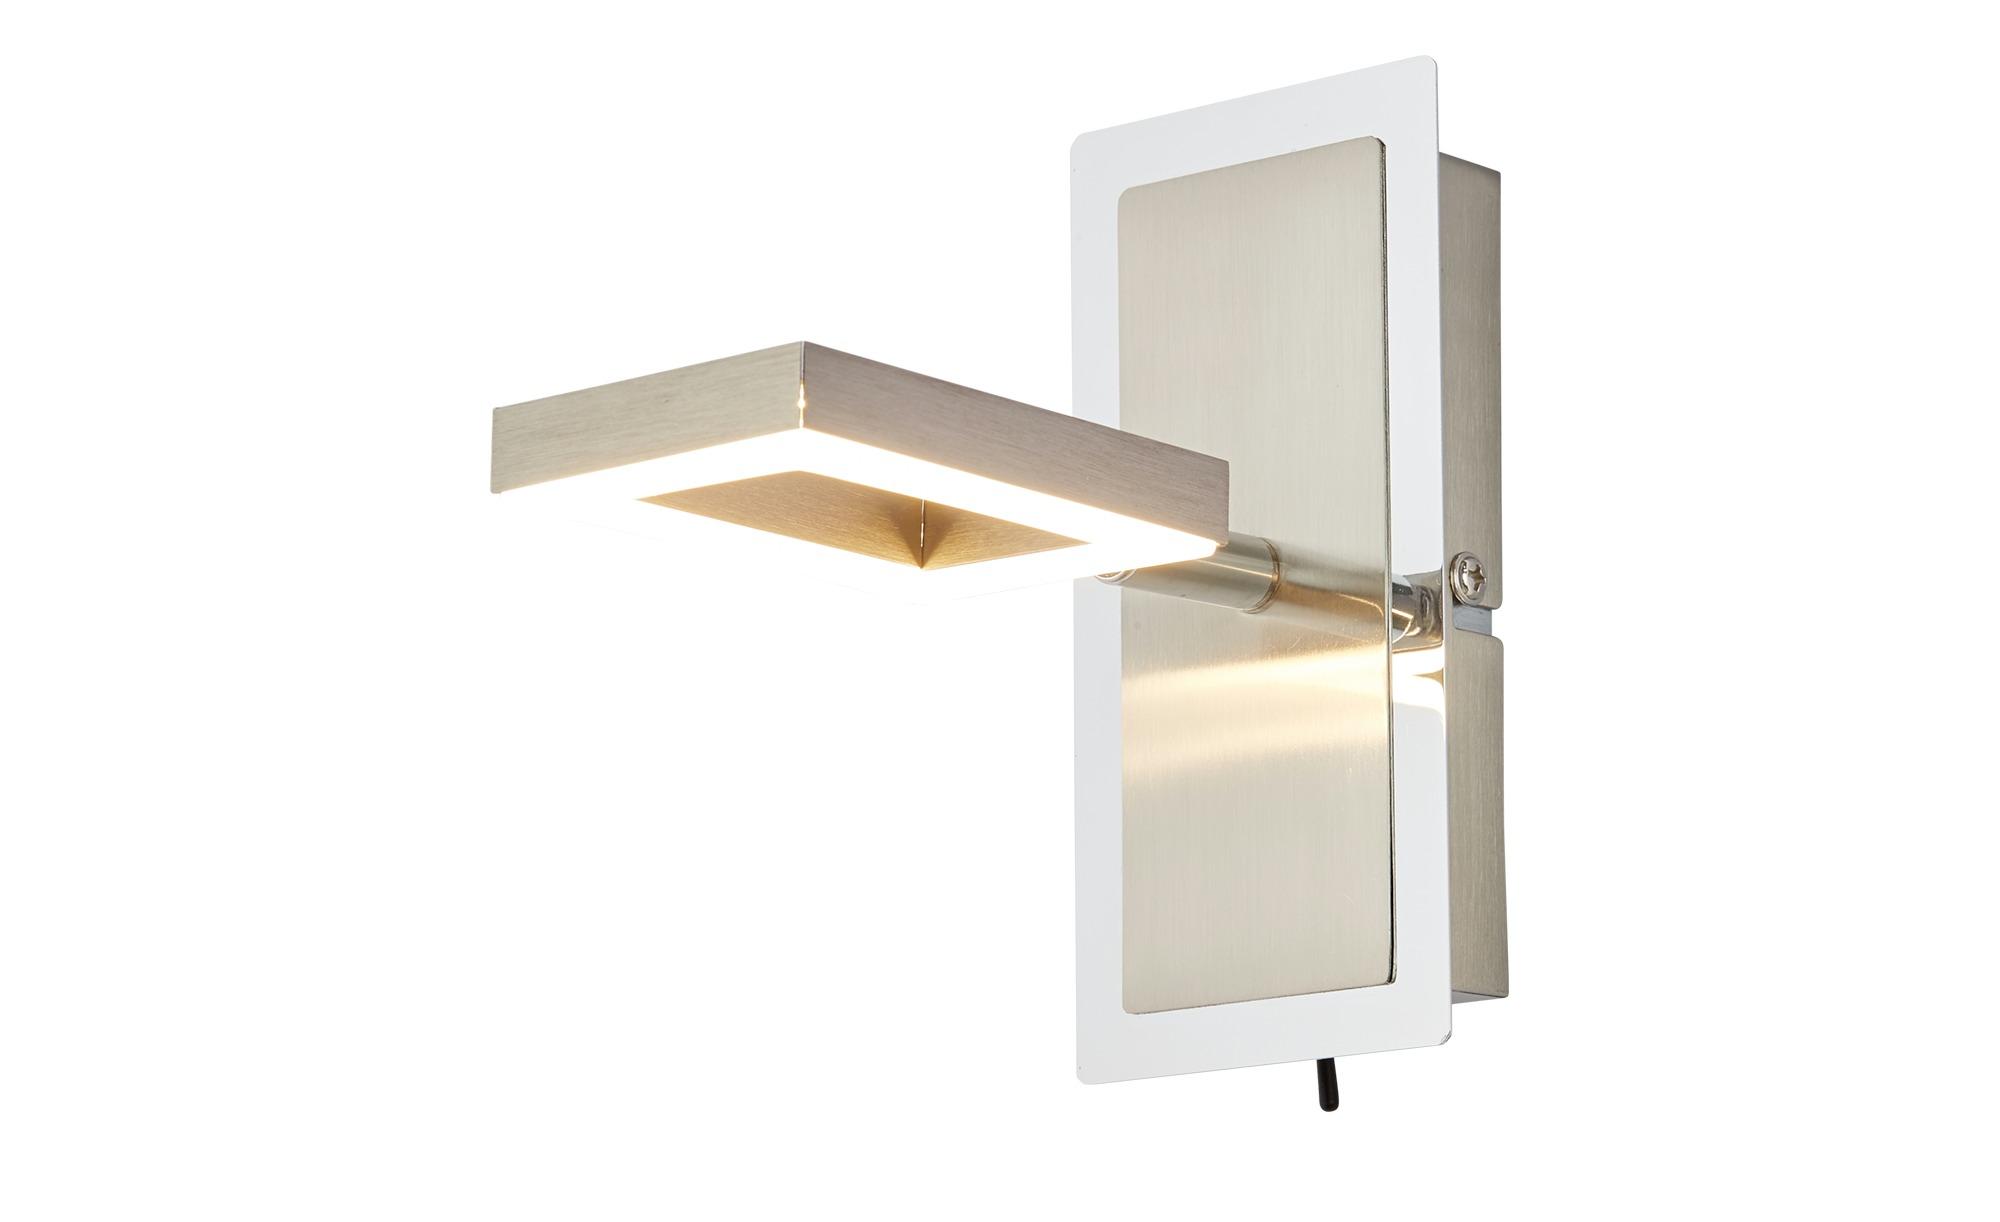 Paul Neuhaus LED- Strahler, 1-flammig, Leuchtelement quadratisch ¦ silber ¦ Maße (cm): H: 15,5 Lampen & Leuchten > LED-Leuchten > LED-Strahler & Spots - Höffner